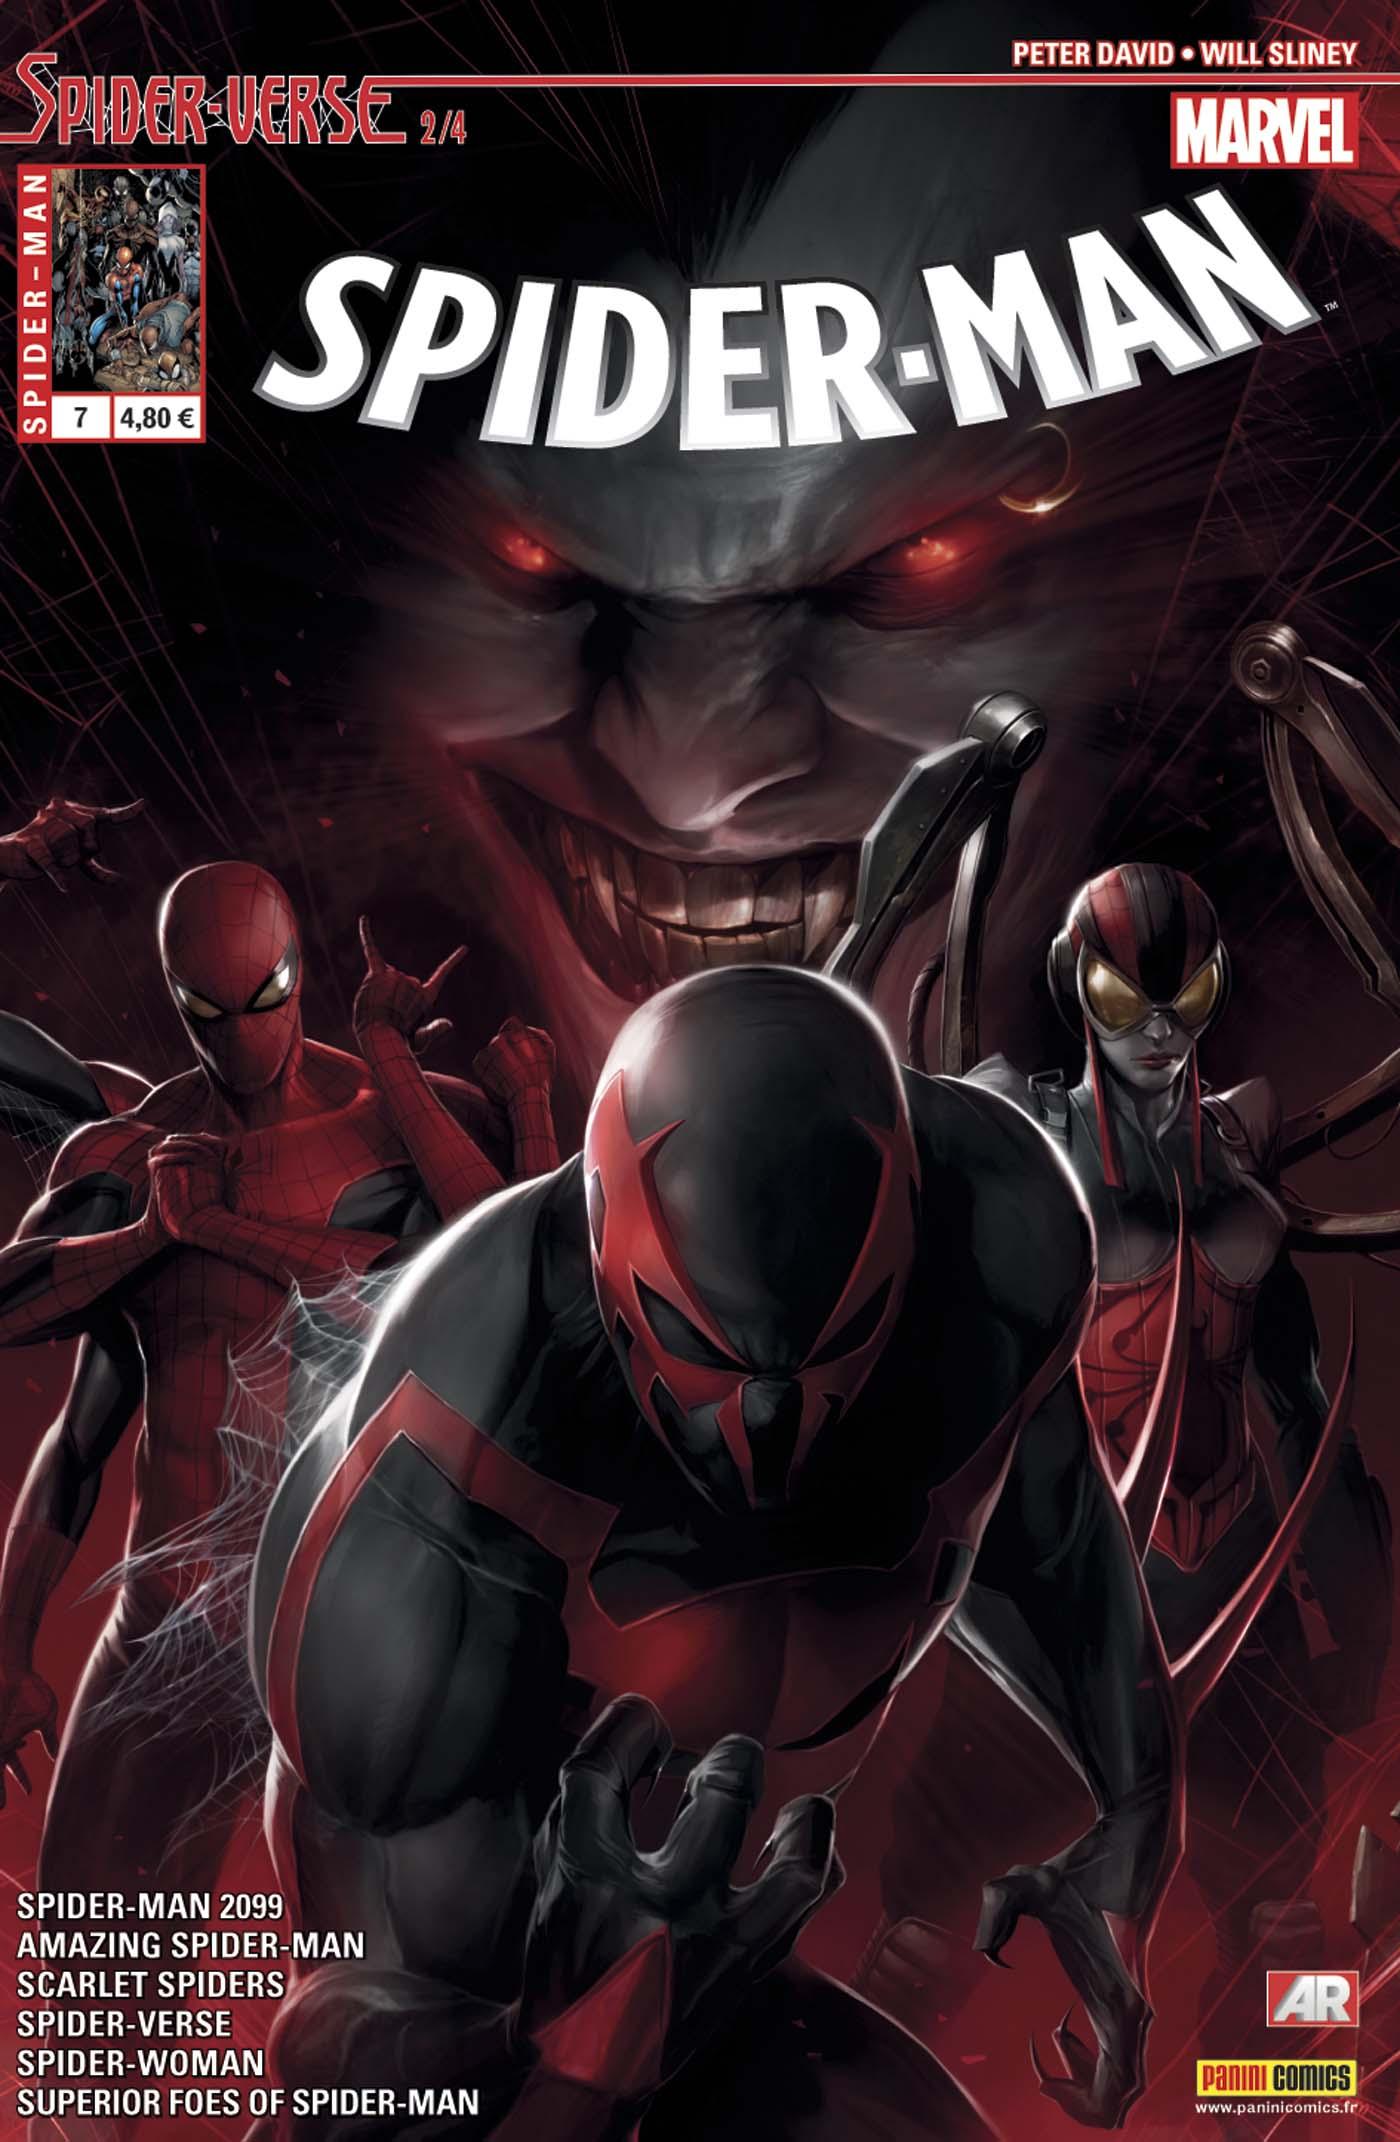 SPIDER-MAN 7 : SPIDER-VERSE 2 (sur 4)